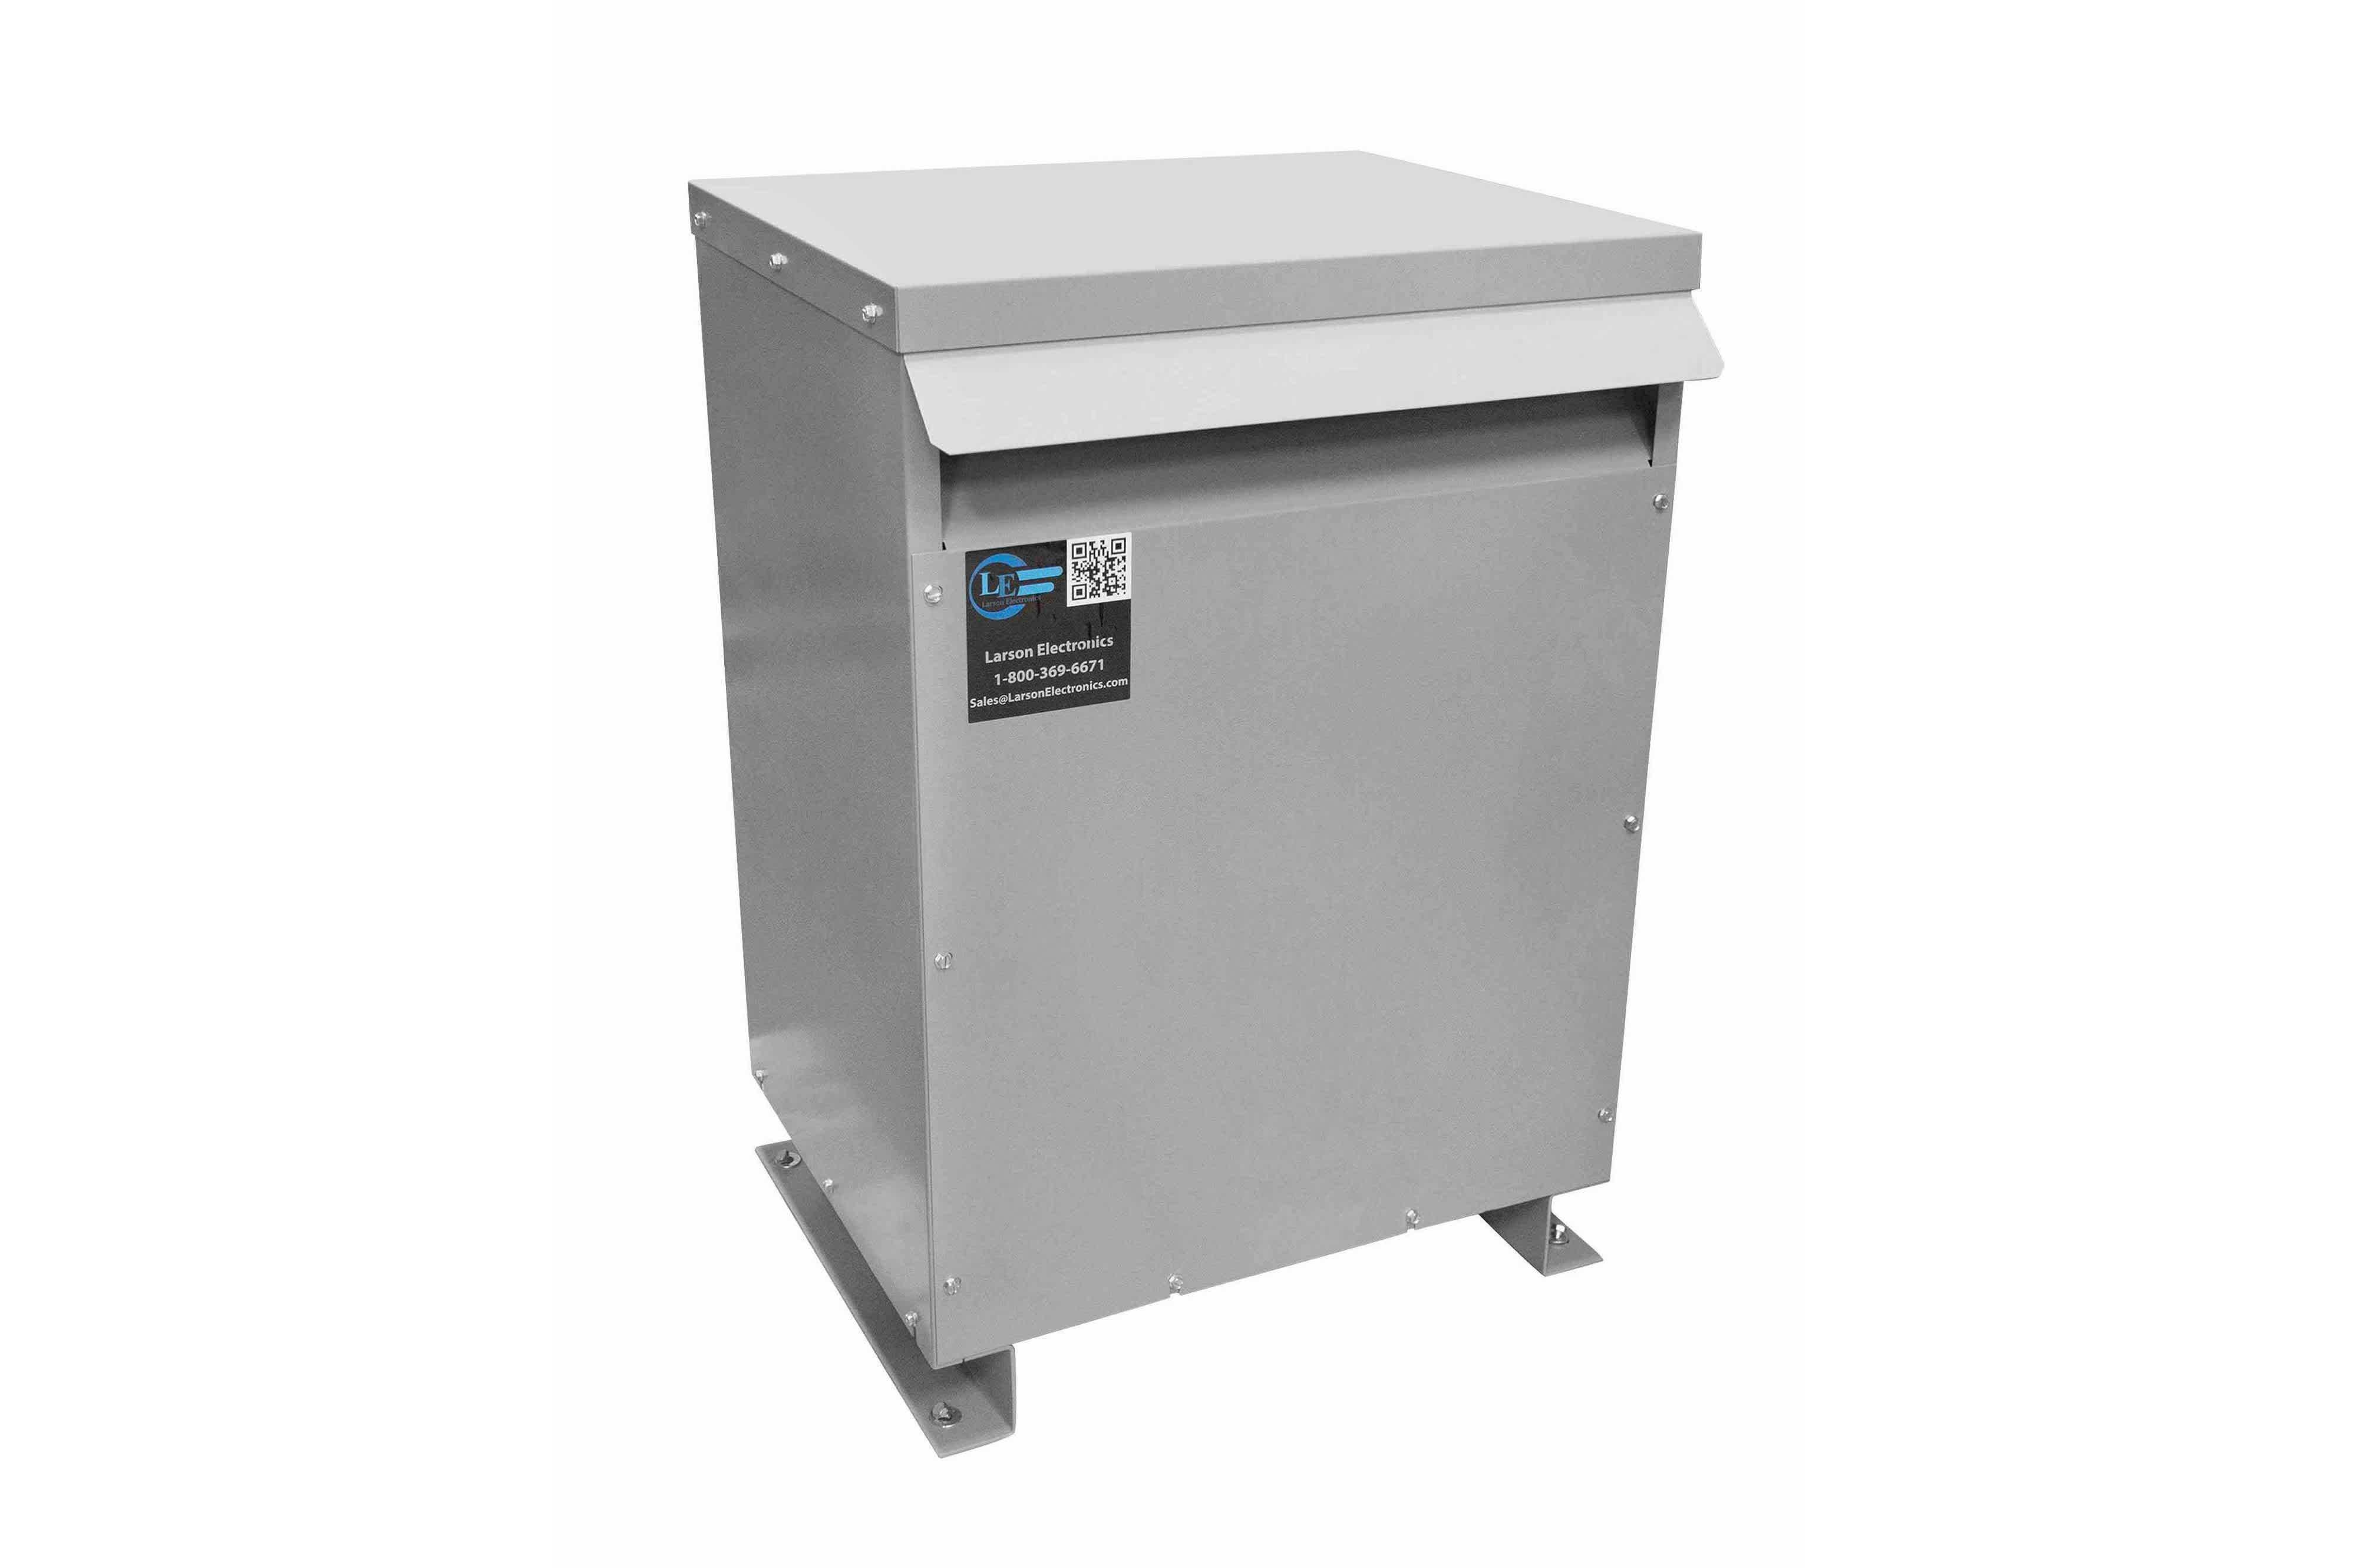 275 kVA 3PH Isolation Transformer, 600V Delta Primary, 415V Delta Secondary, N3R, Ventilated, 60 Hz